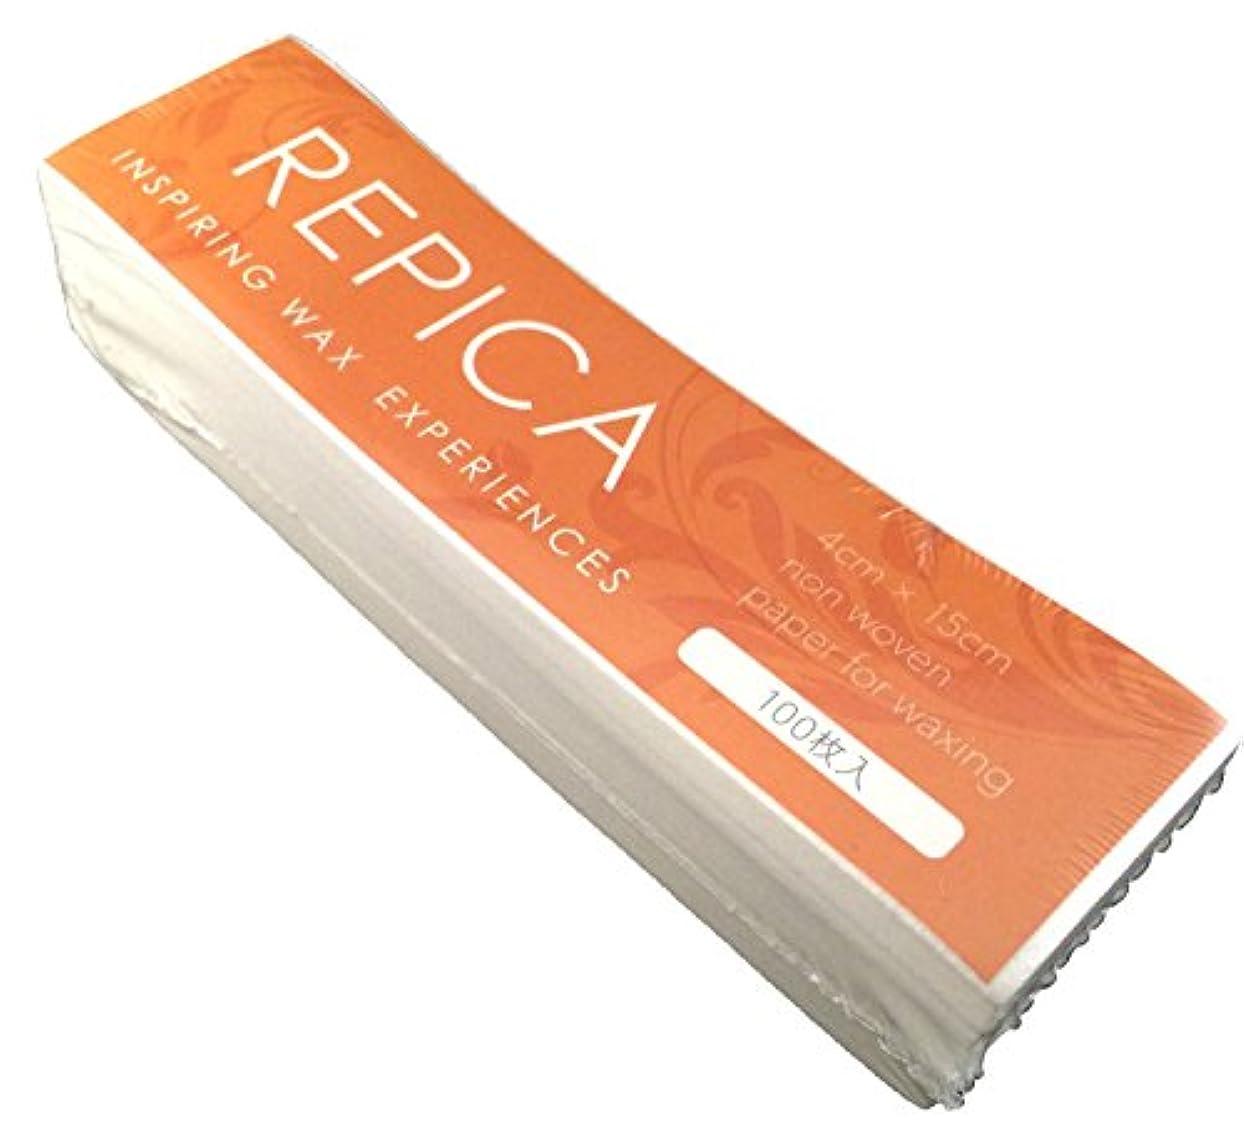 交じるキロメートルパンサーREPICA ブラジリアンワックス脱毛 カットペーパー Sサイズ100枚入り×20個セット ワックス脱毛 ワックスシート ストリップシート